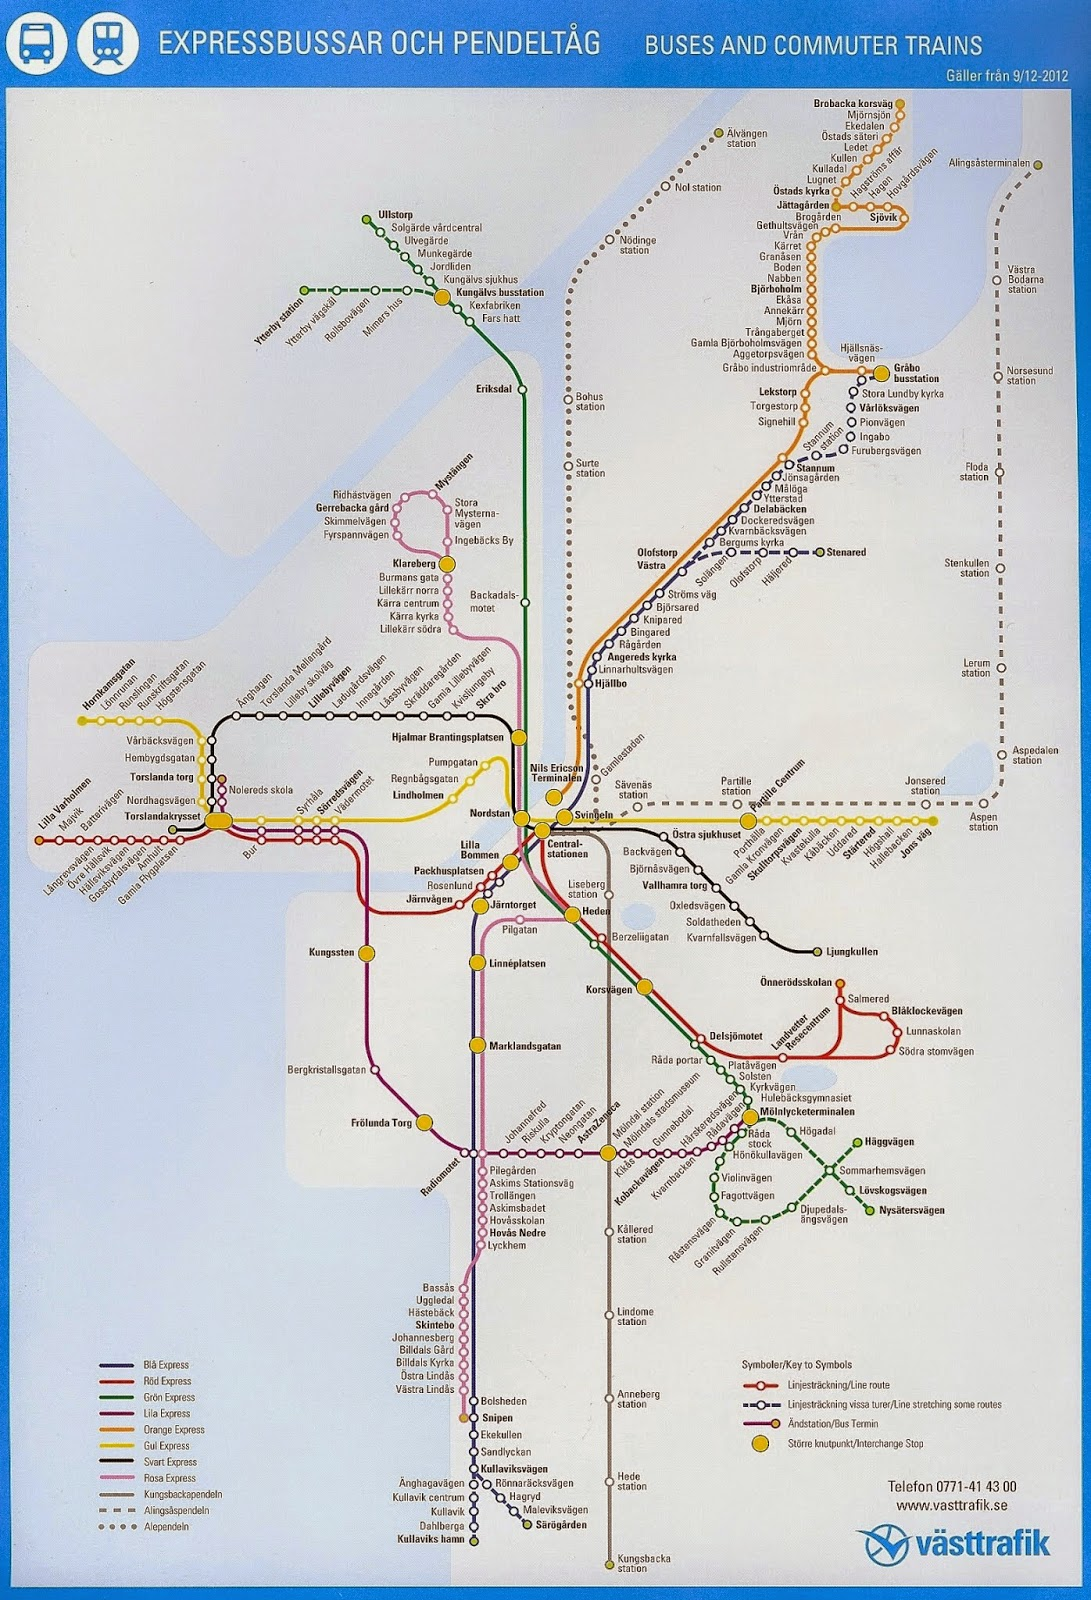 karta över spårvagnslinjer göteborg 2000 talet i bild: Västtrafik 2000 2012 karta över spårvagnslinjer göteborg